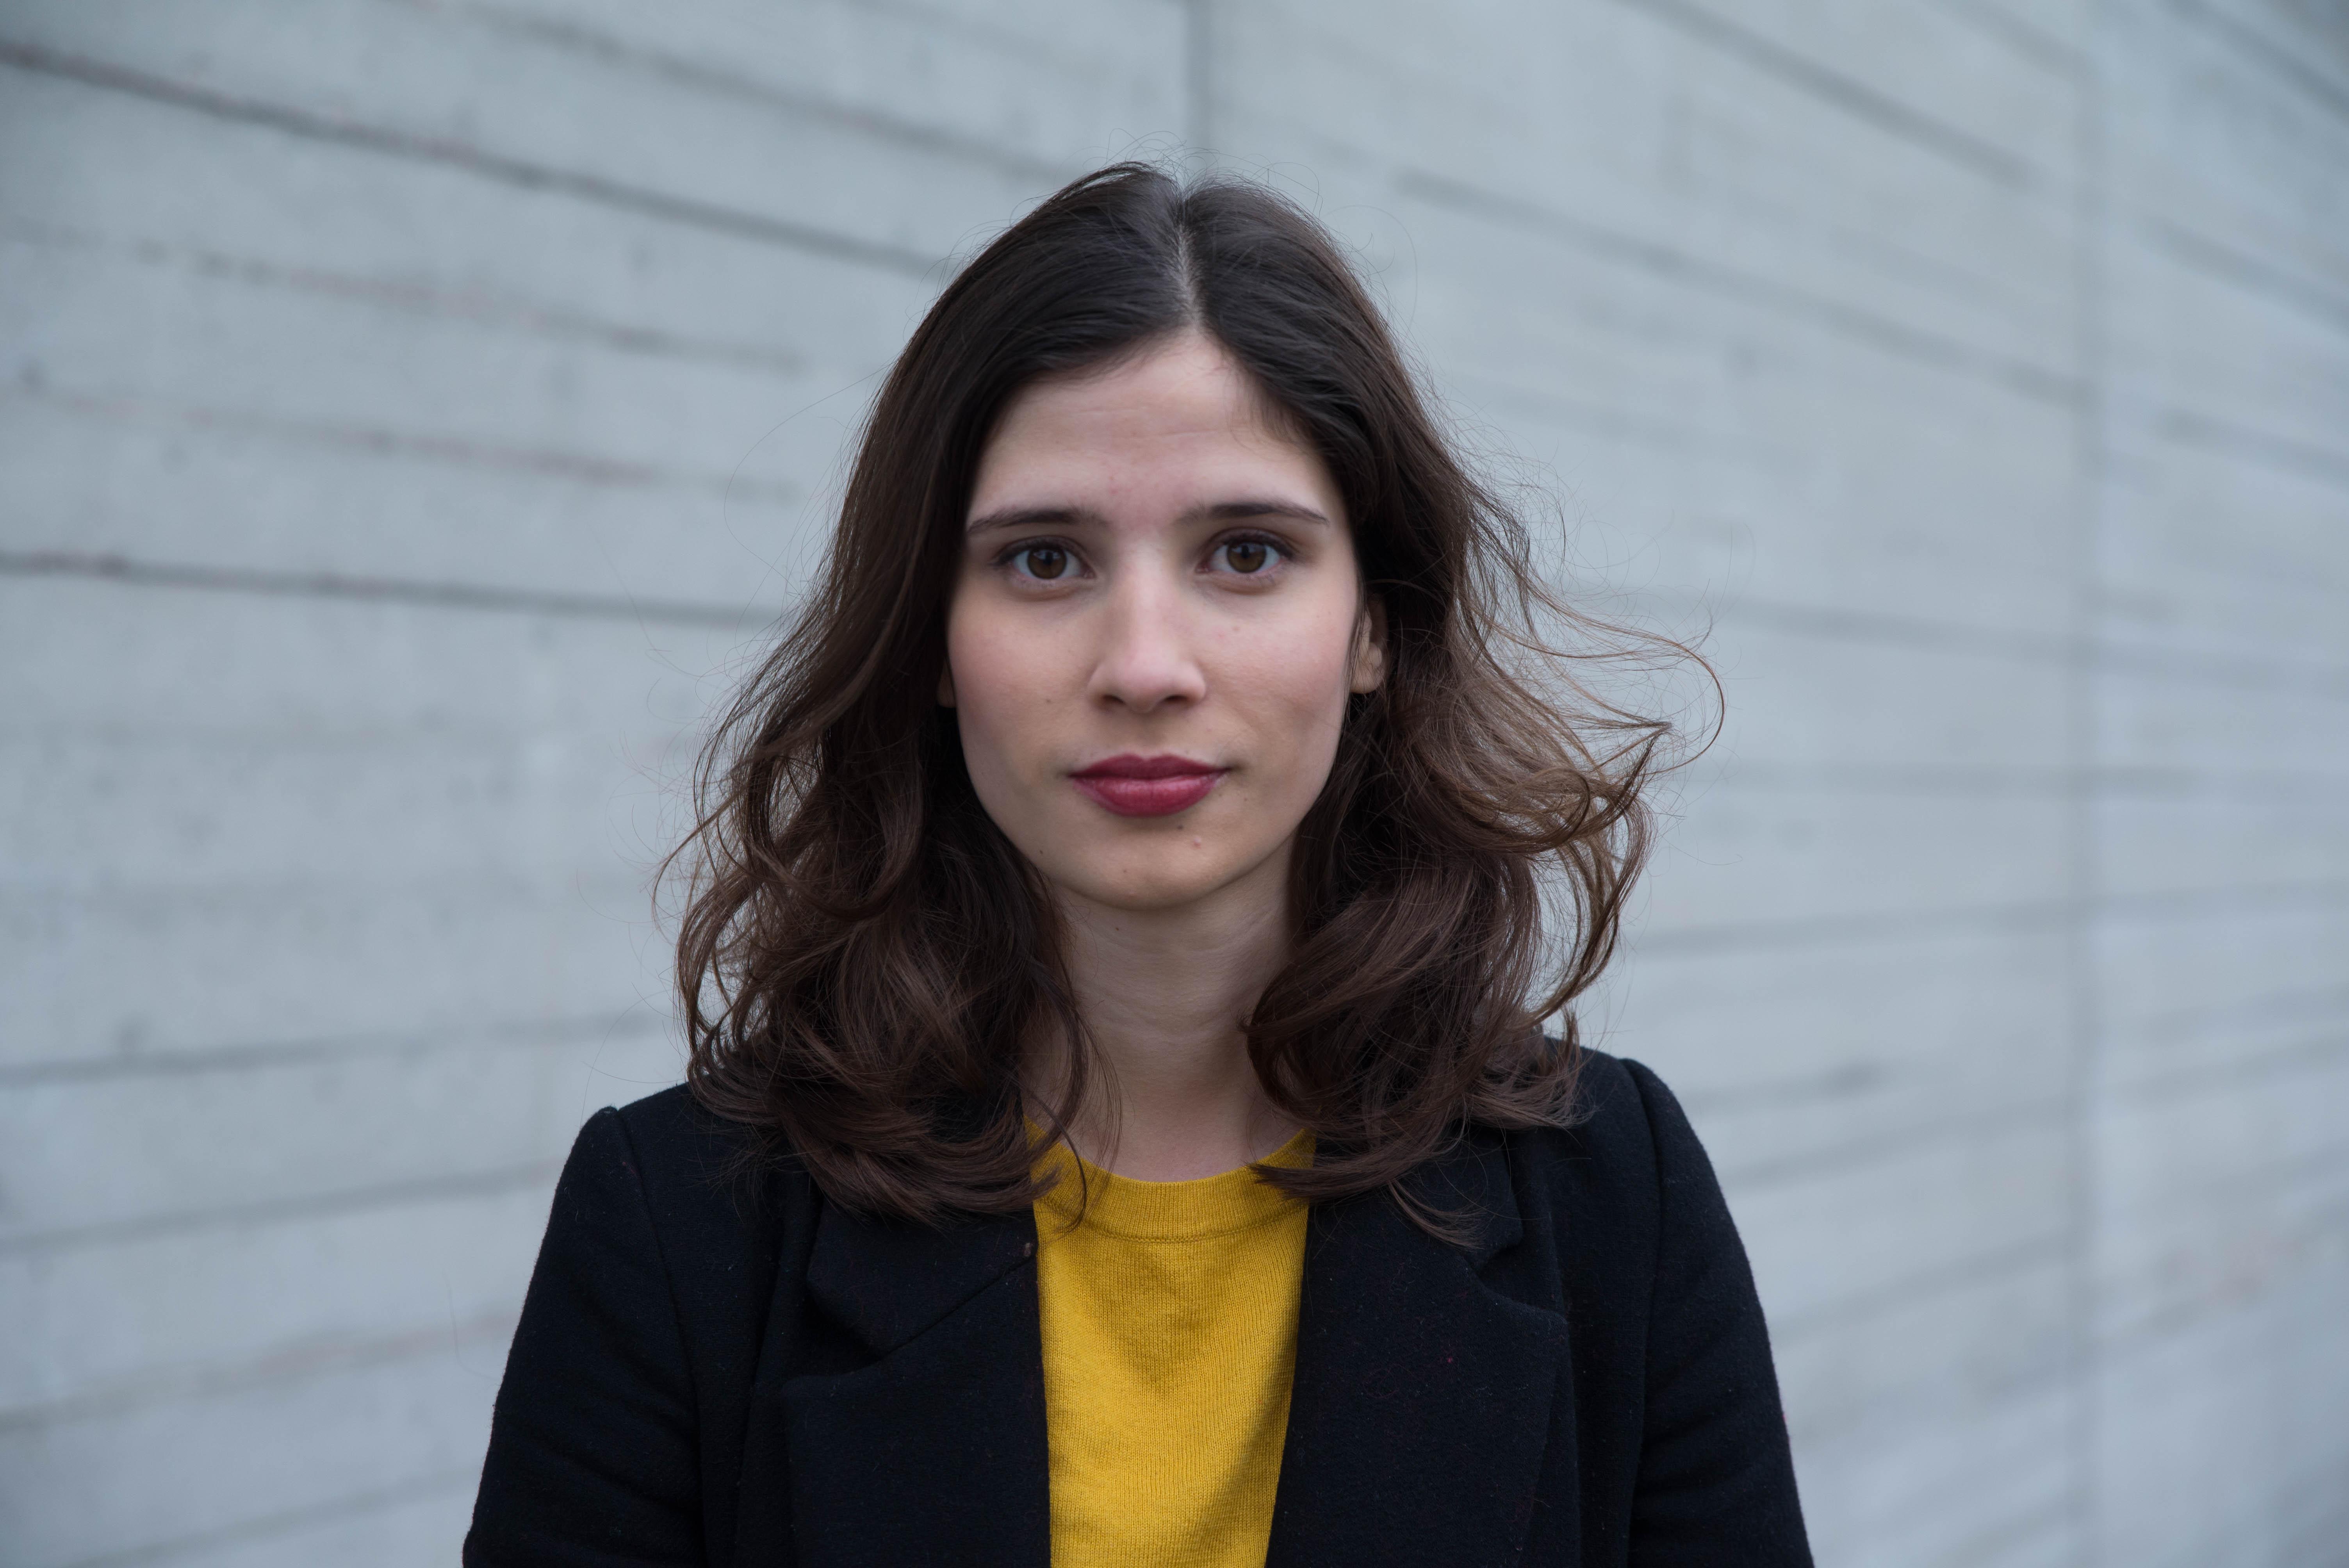 Gabriela Flarys